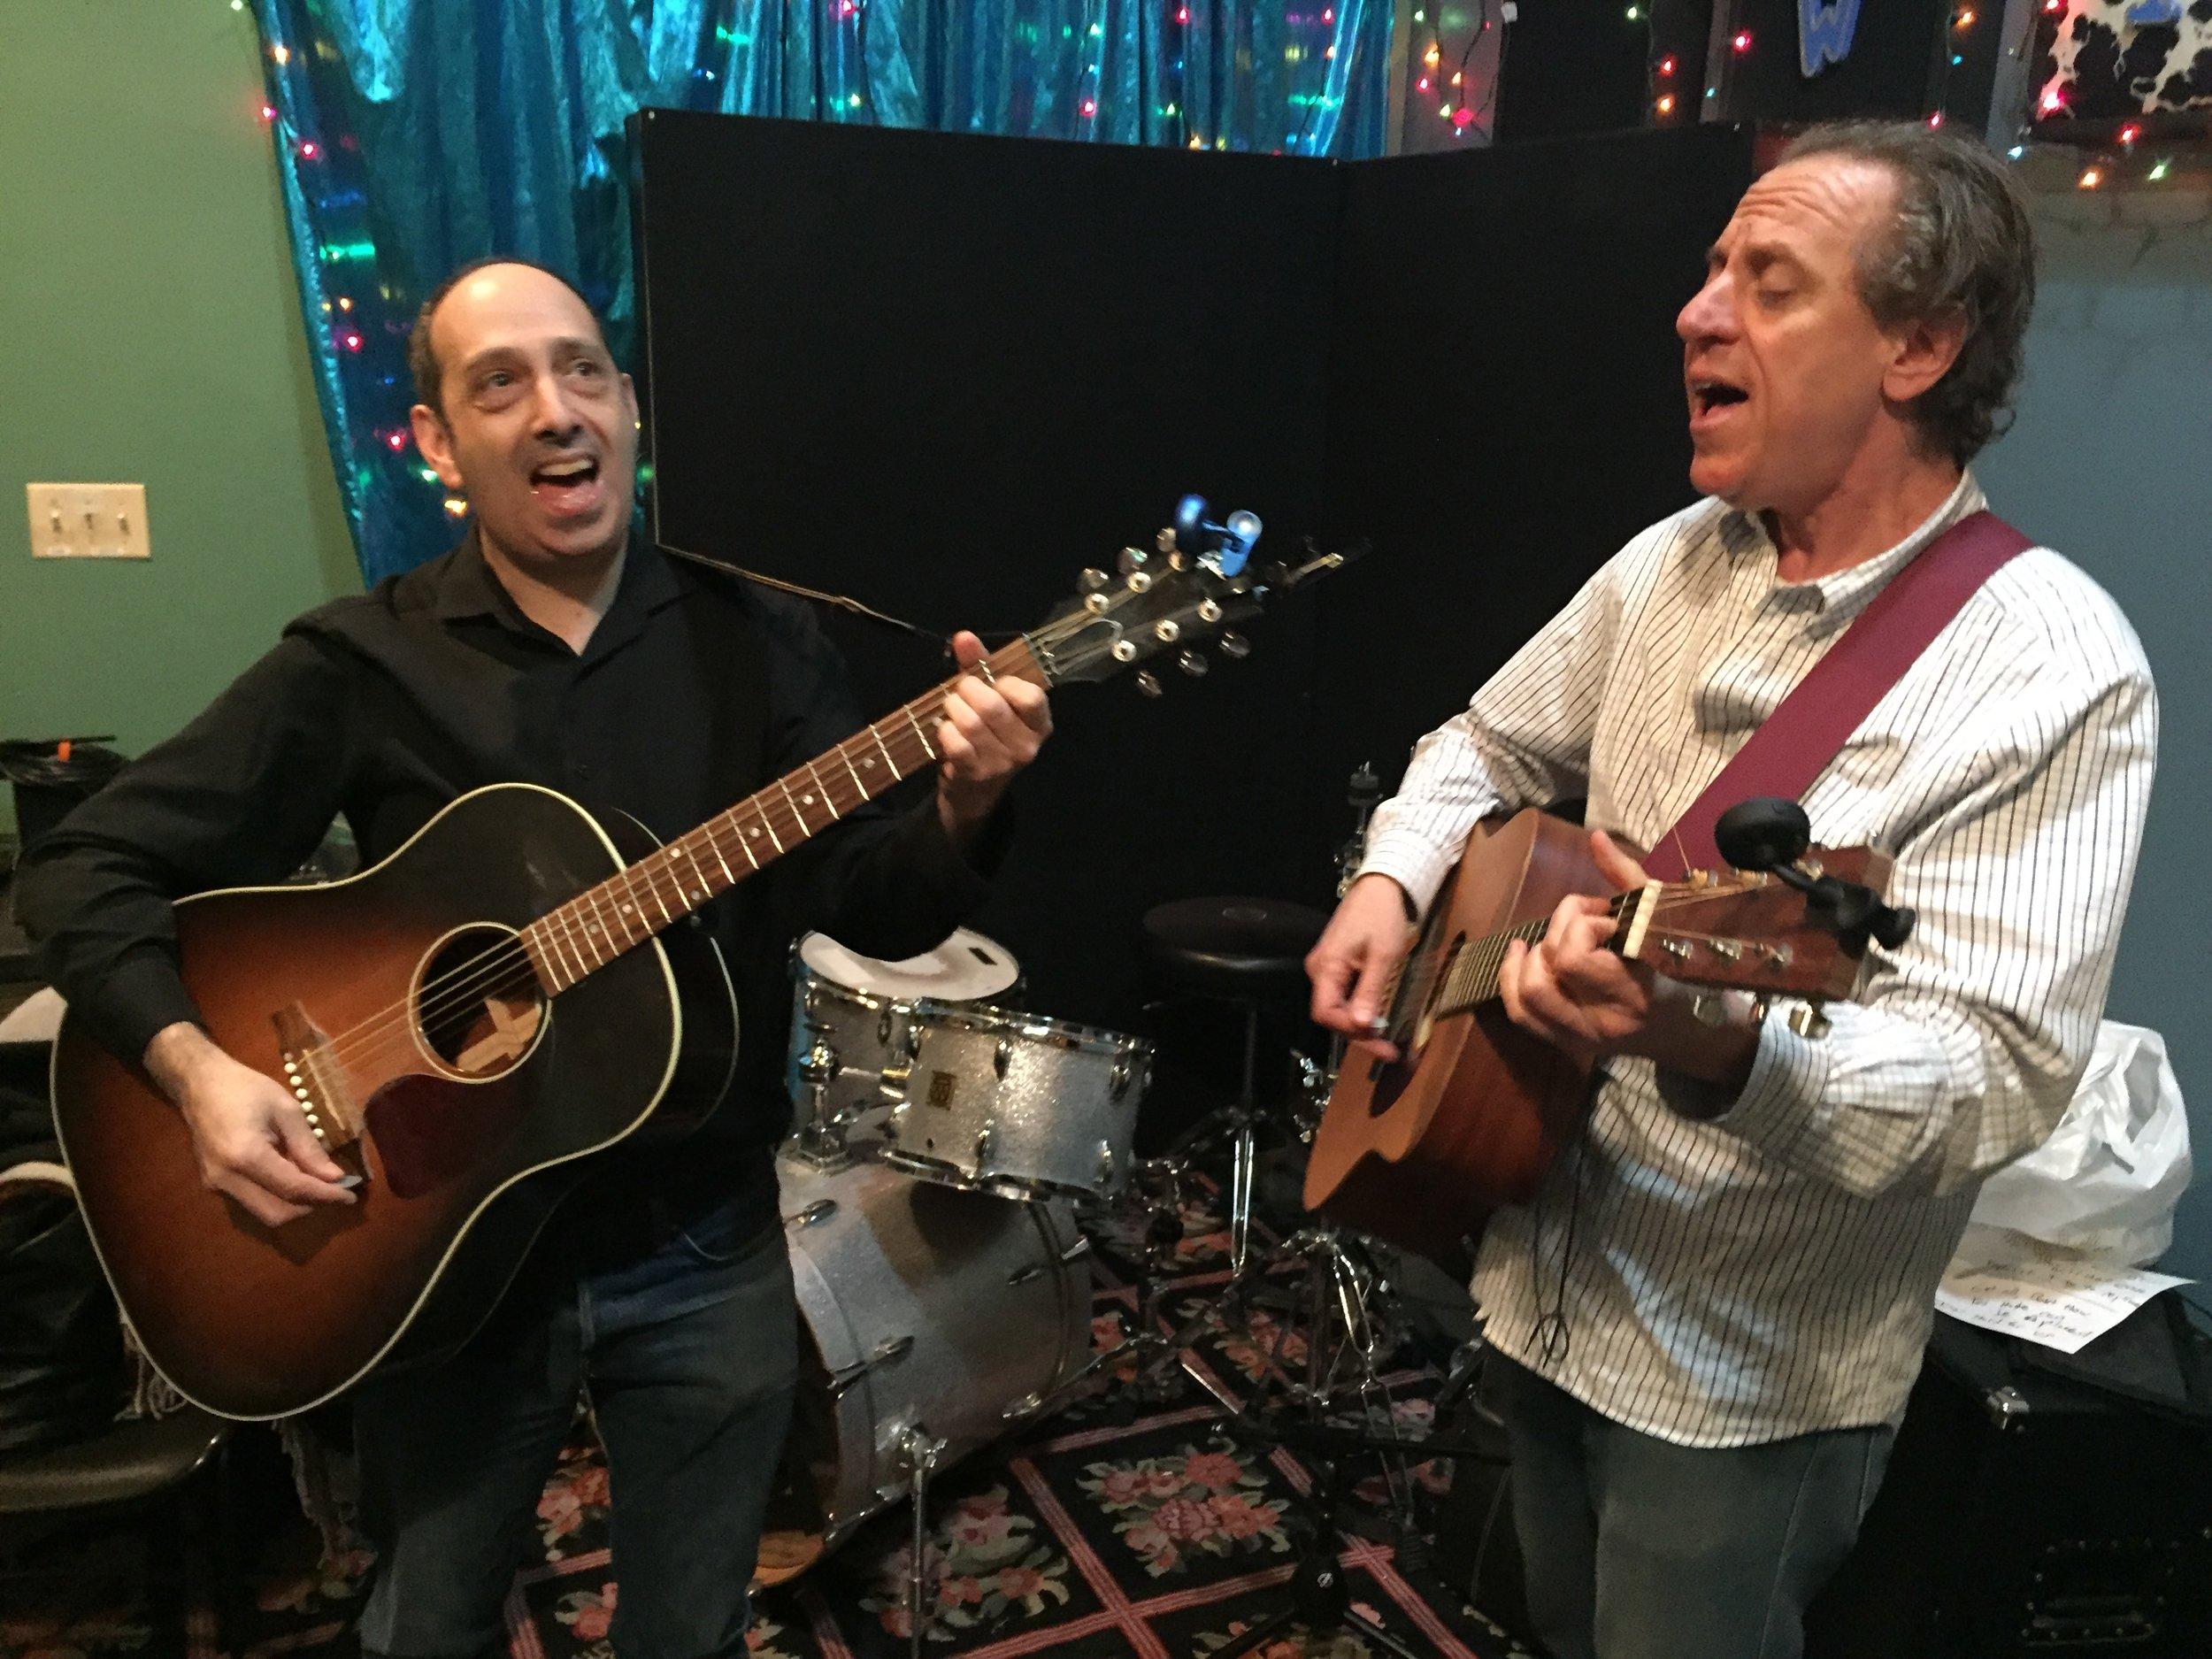 Dave & Lane at WFMU